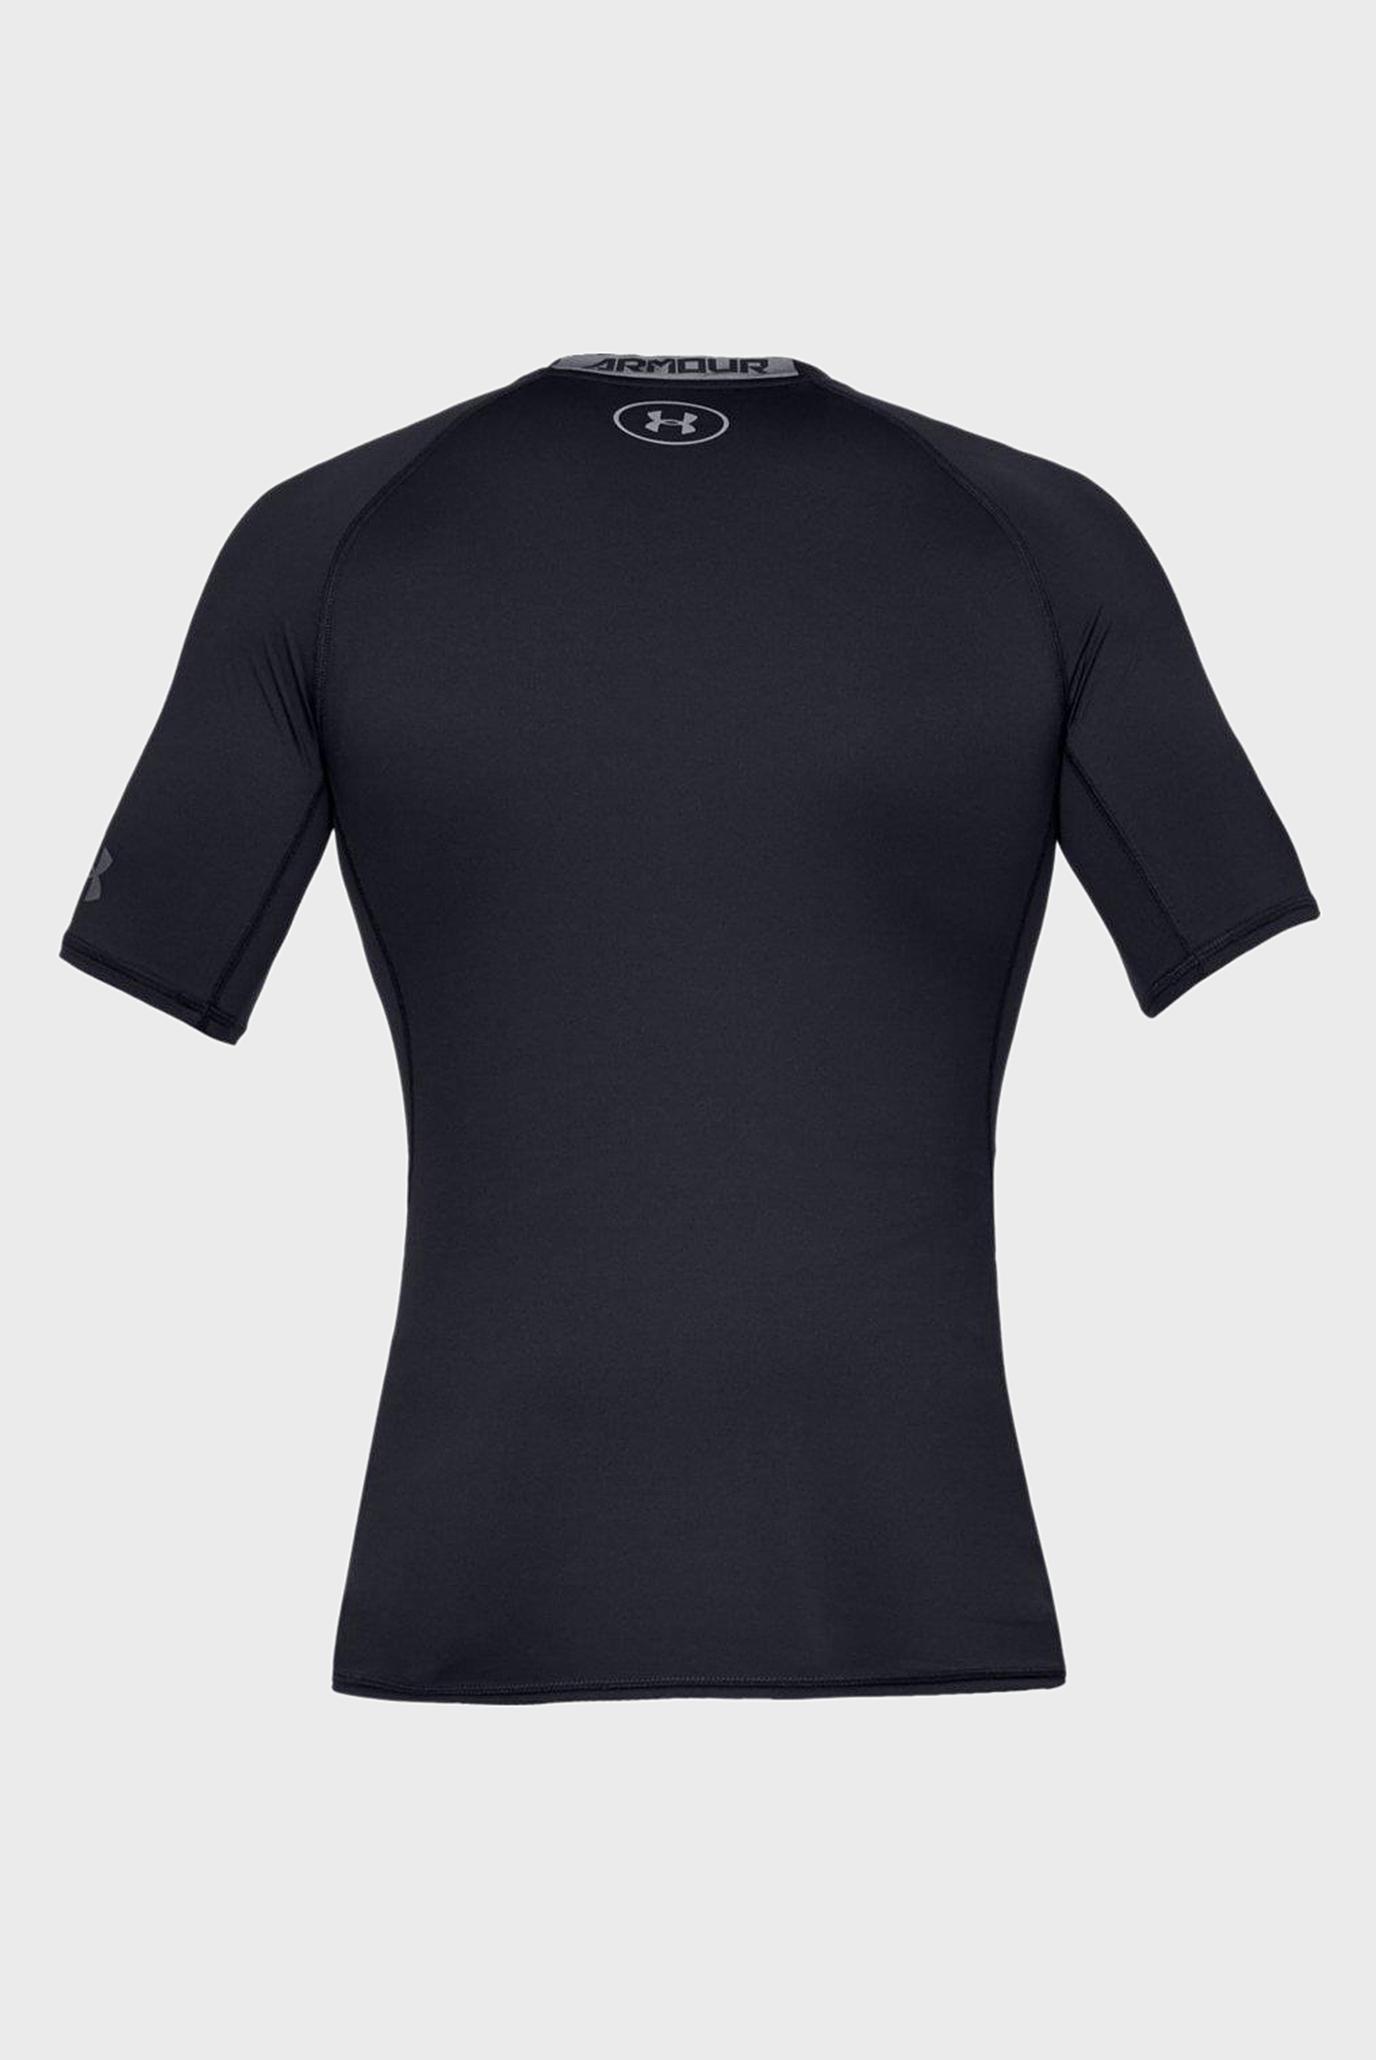 Купить Мужская черная футболка PROJECT ROCK ARMOUR Under Armour Under Armour 1345661-001 – Киев, Украина. Цены в интернет магазине MD Fashion